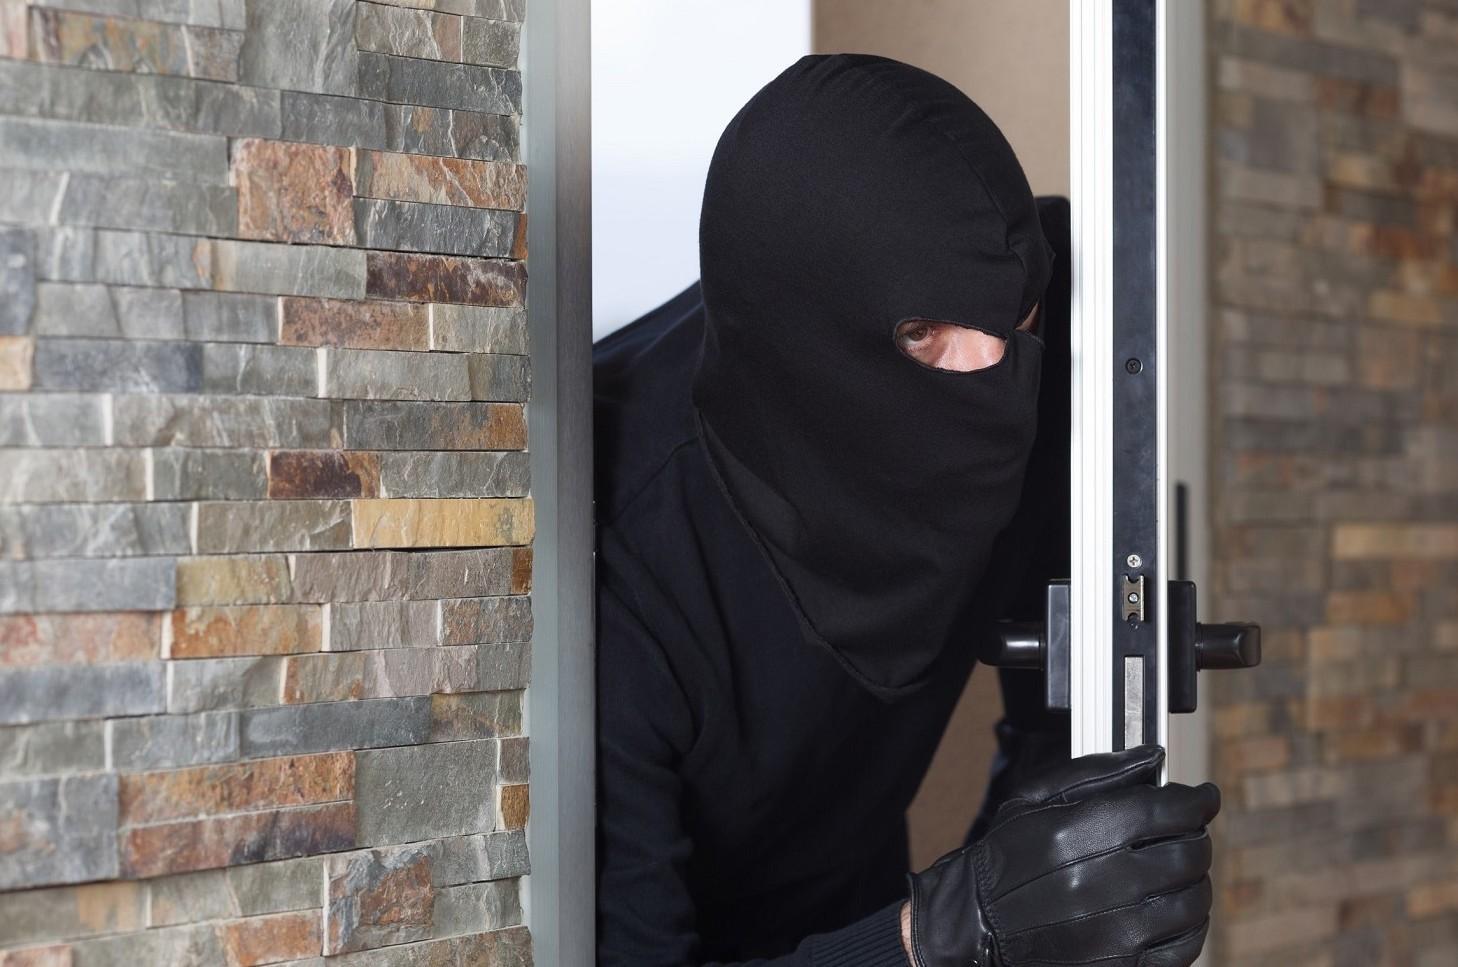 Serrature più sicure 2020 per le porte blindate contro i ladri